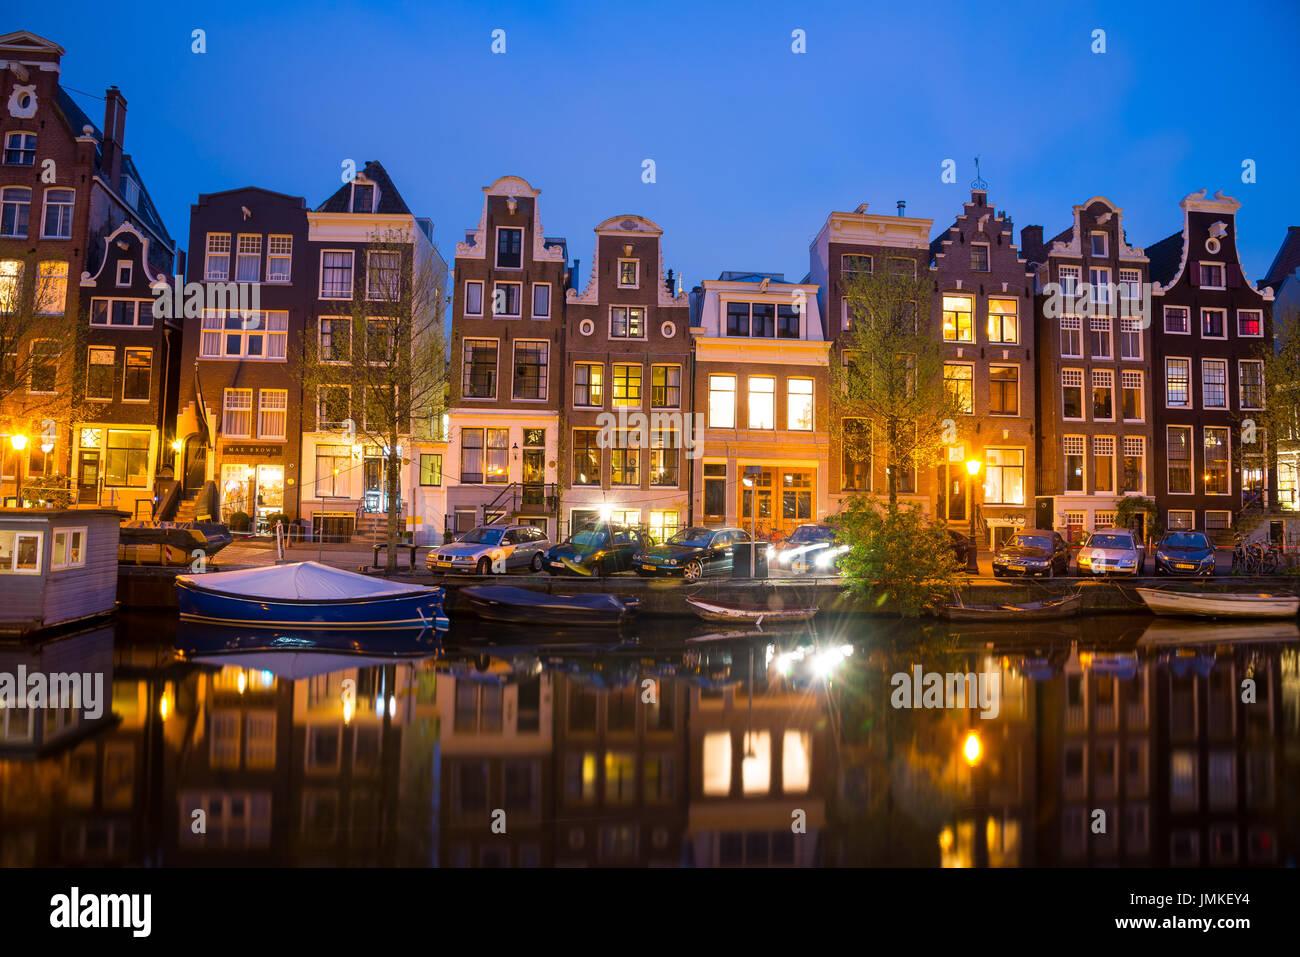 Vista sui canali di Amsterdam e degli argini lungo di essi di notte. Immagini Stock